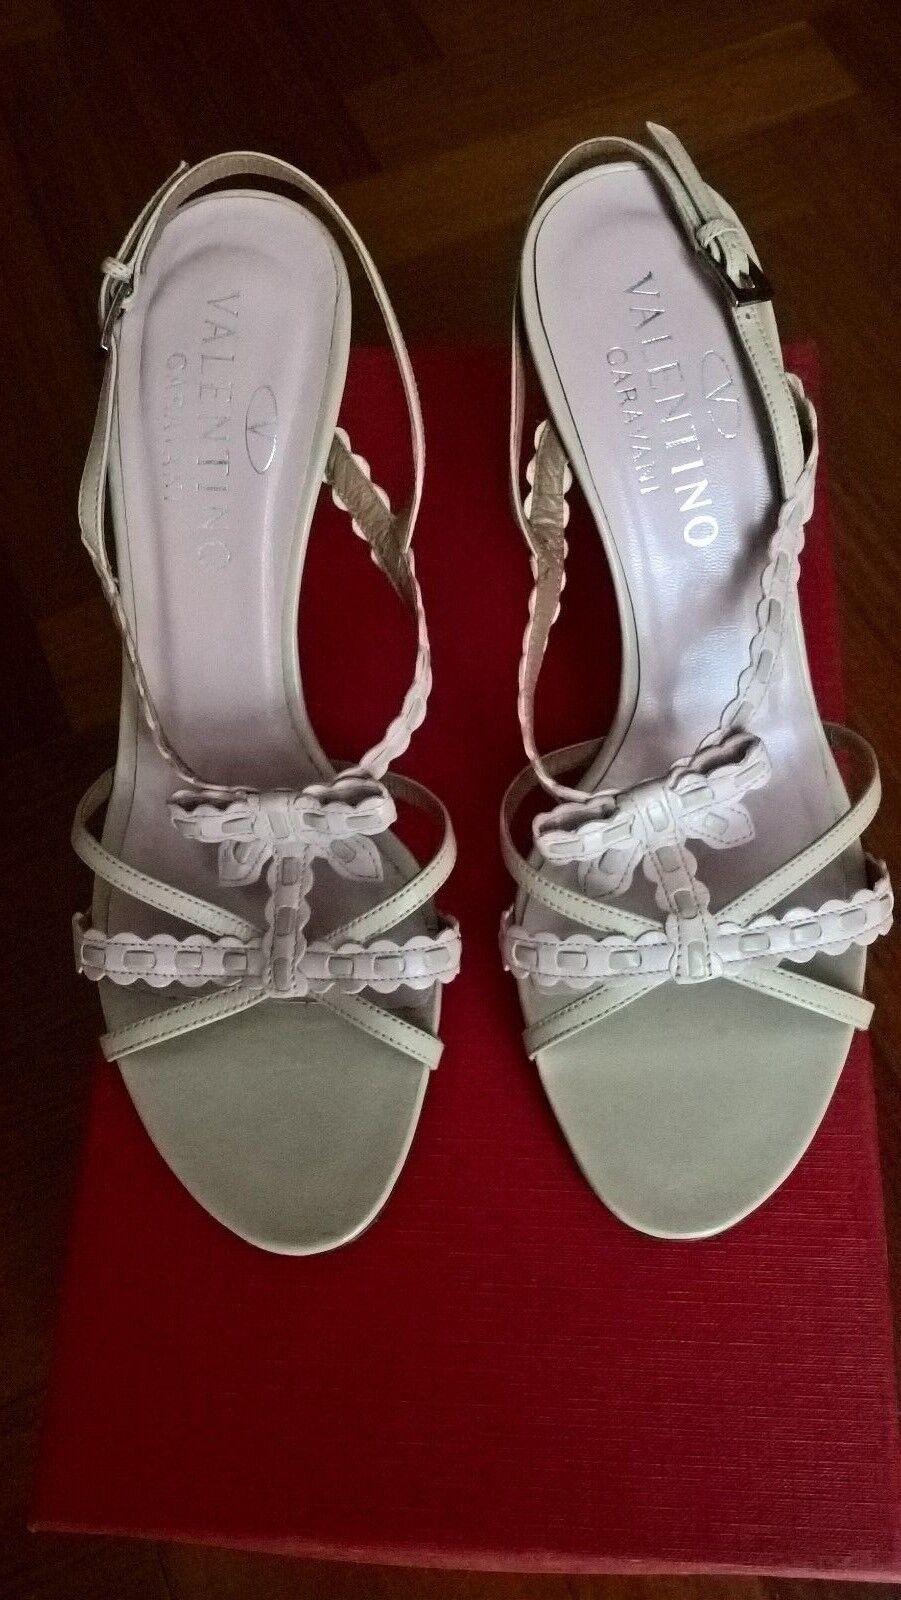 Sandali Valentino cm tg. 37 tacco 8,5 cm Valentino nuovi con scatola af7e88